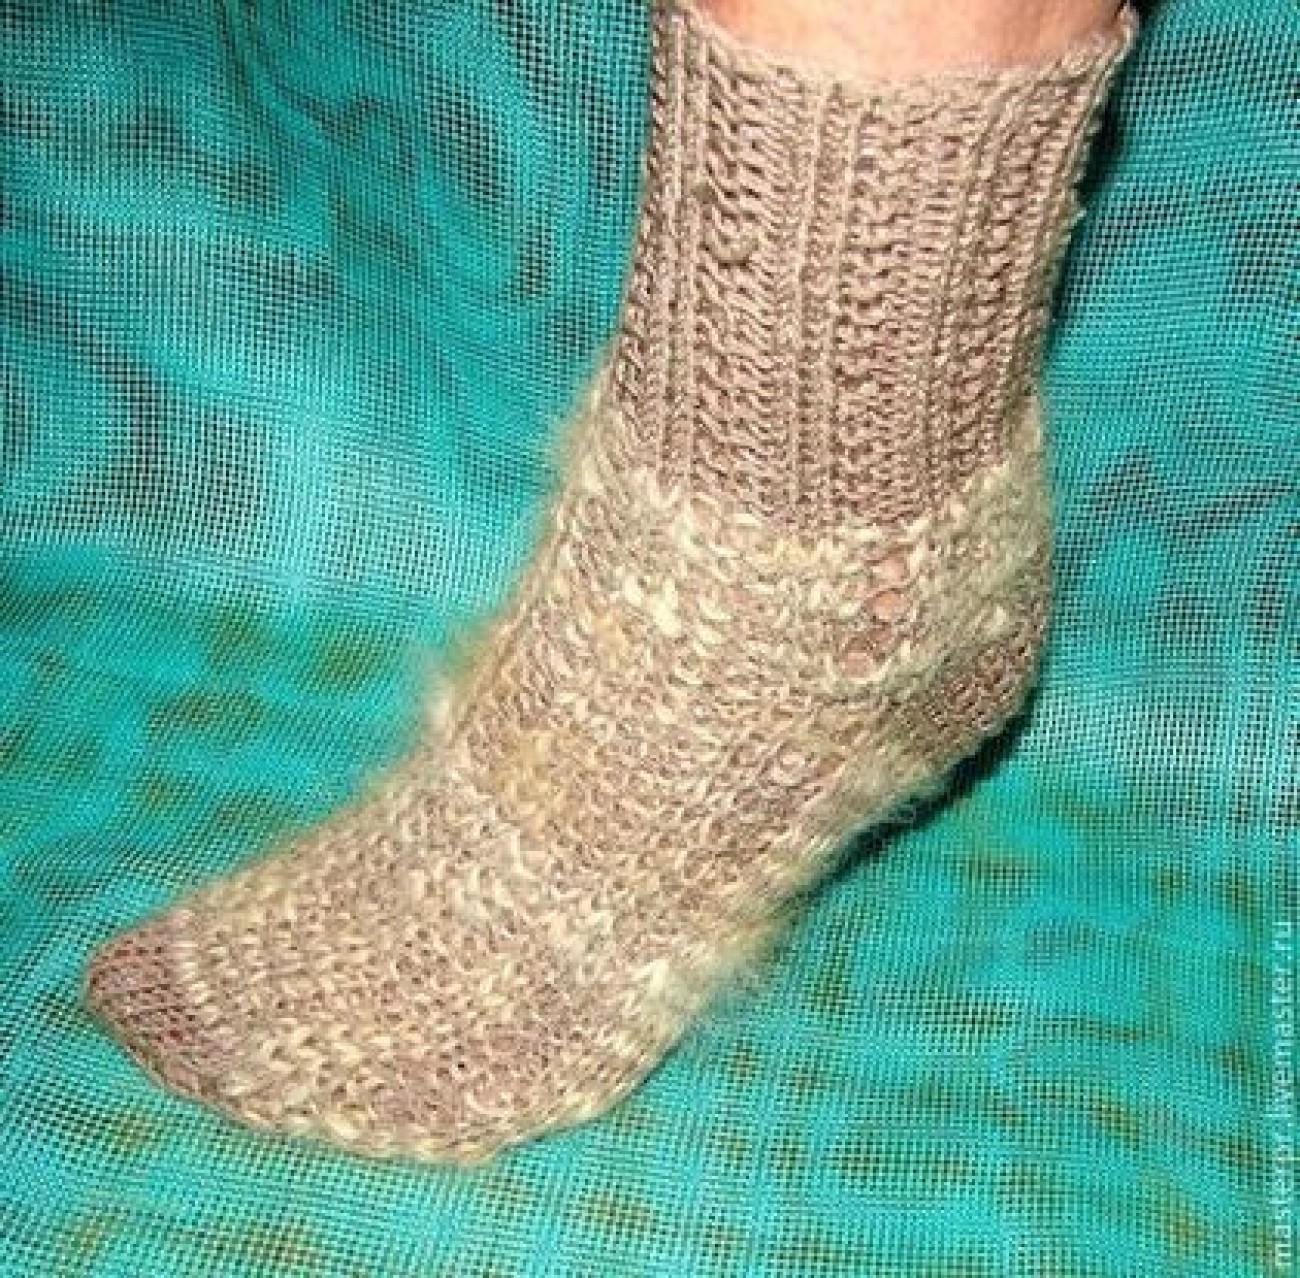 Носки-стрейтч артикул №29ж спортивного типа ручной вязки